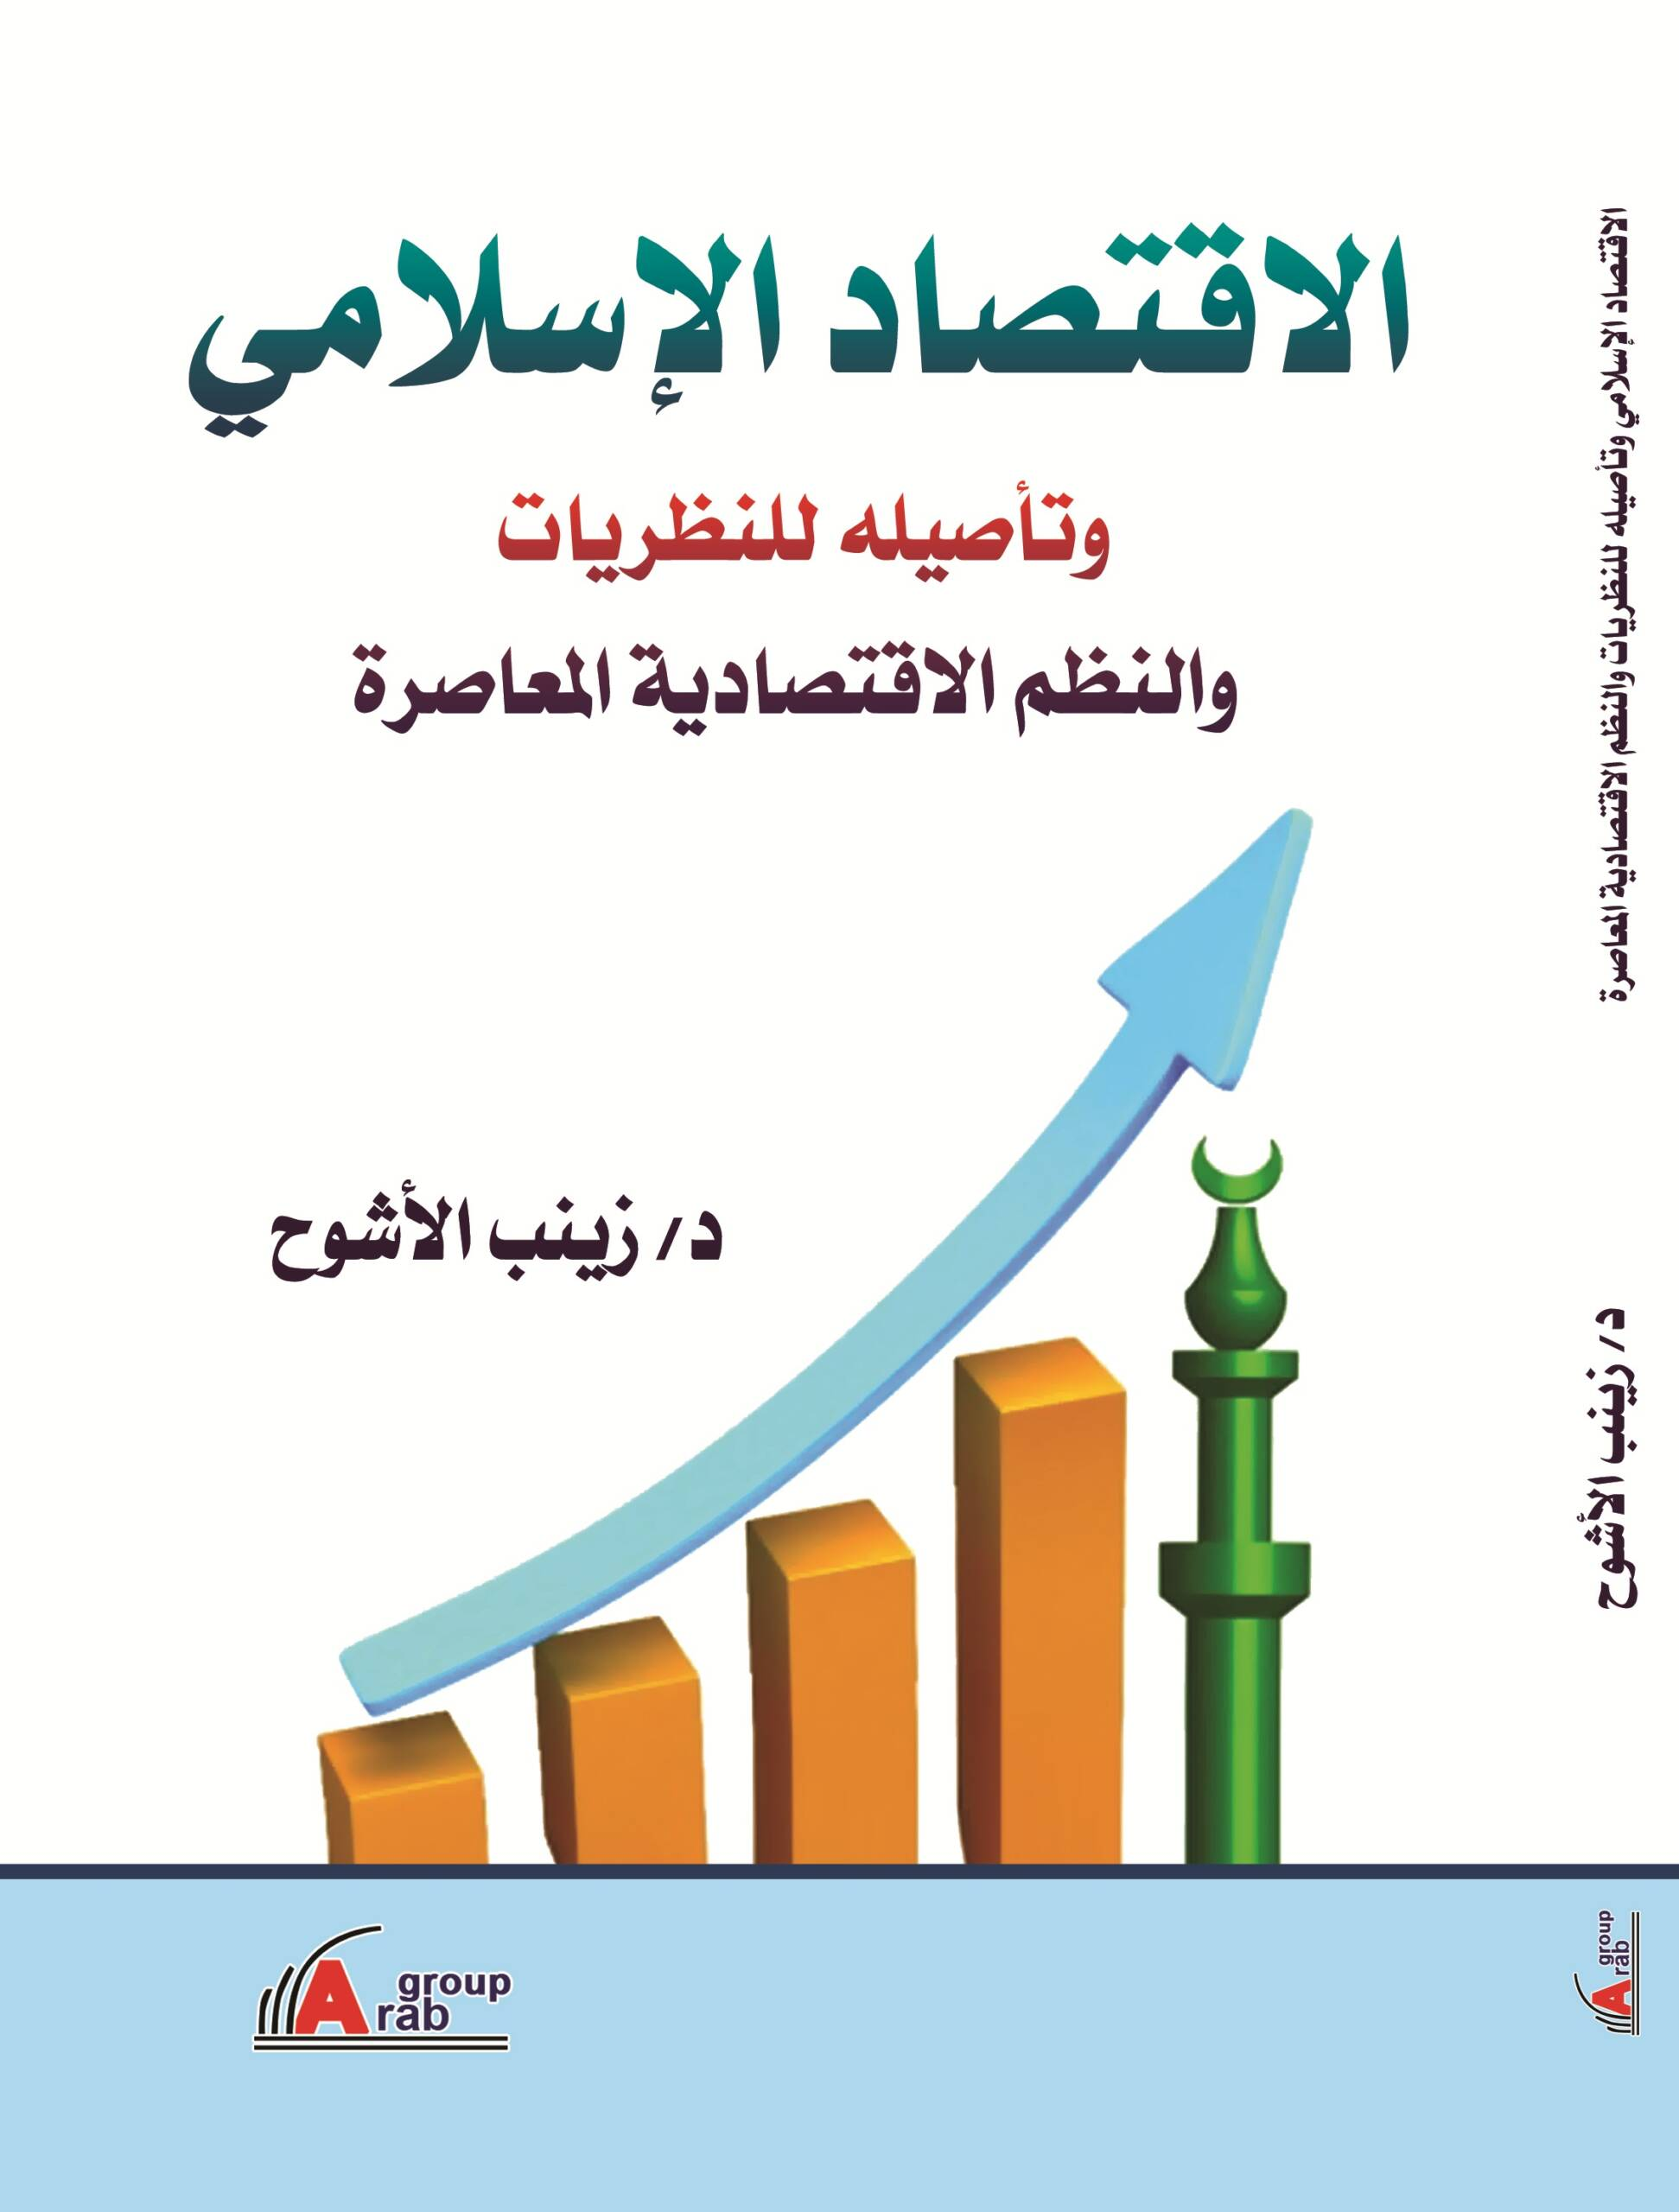 الاقتصاد الاسلامي وتأصيله للنظريات والنظم الاقتصادية المعاصرة